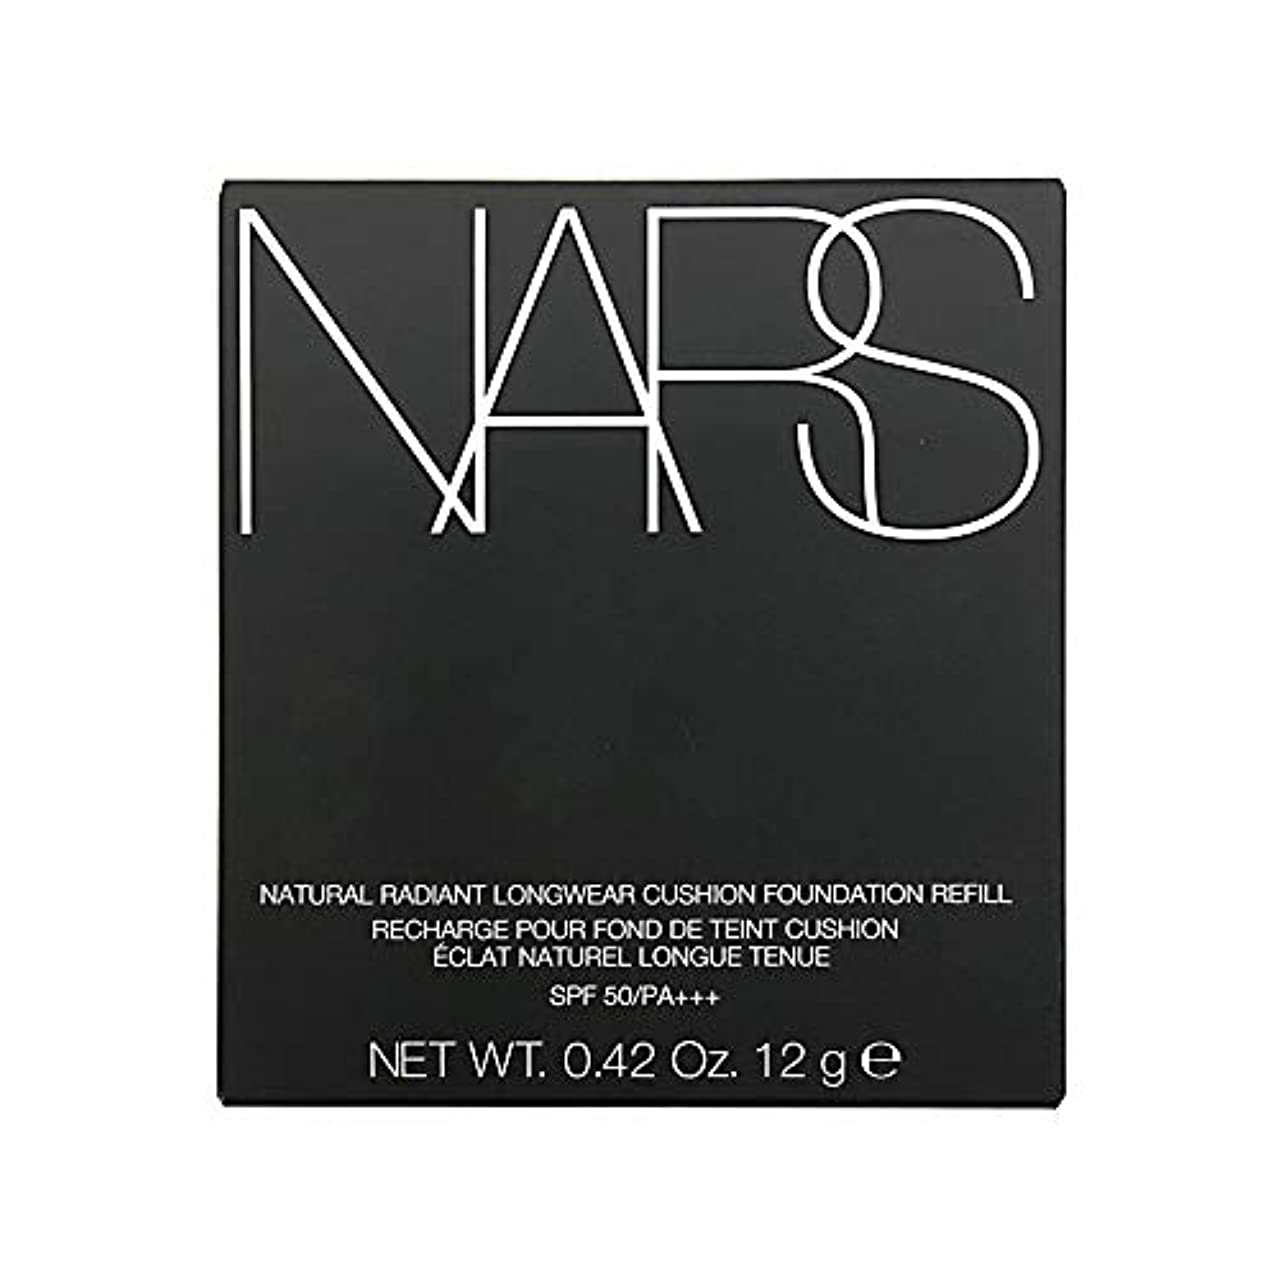 注目すべきワーカー癌ナーズ/NARS ナチュラルラディアント ロングウェア クッションファンデーション(レフィル)#5878 [ クッションファンデ ] [並行輸入品]